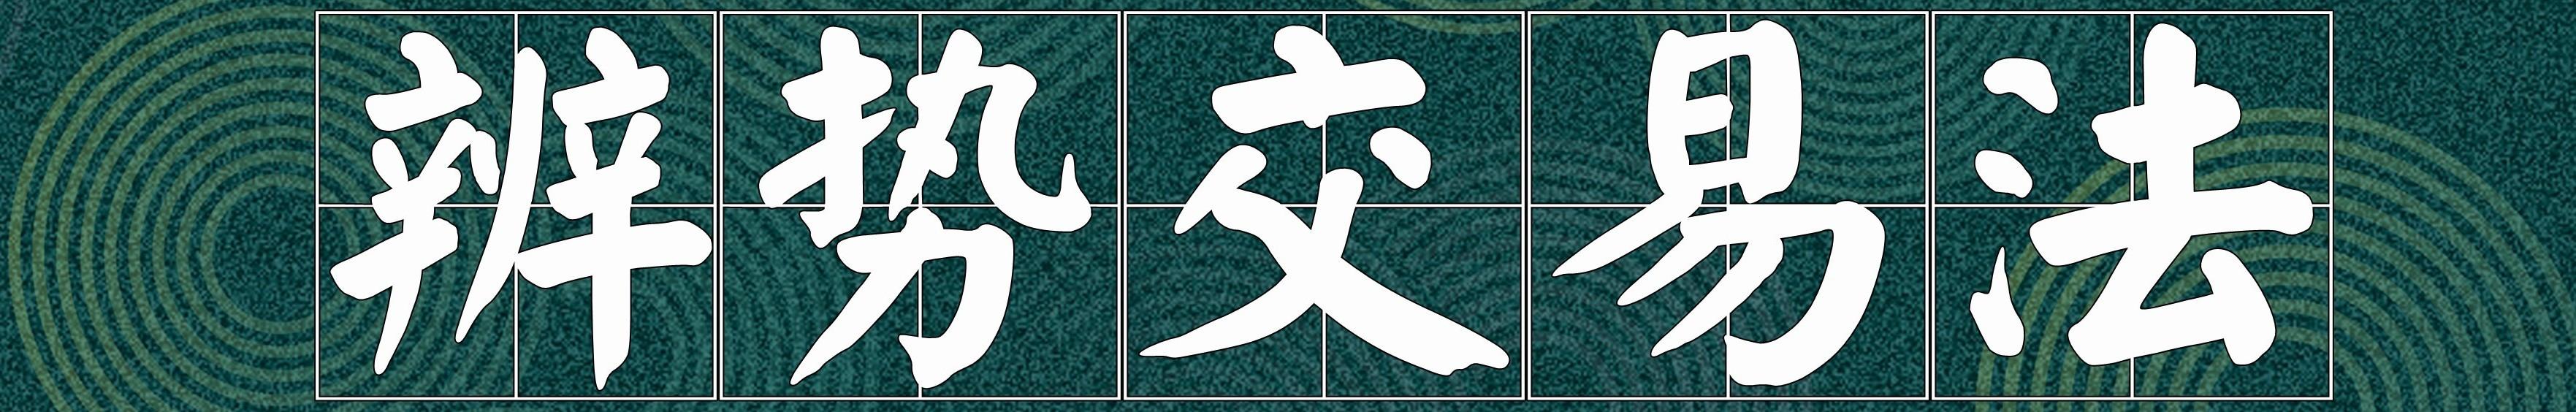 安格斯外汇市场交易课 banner